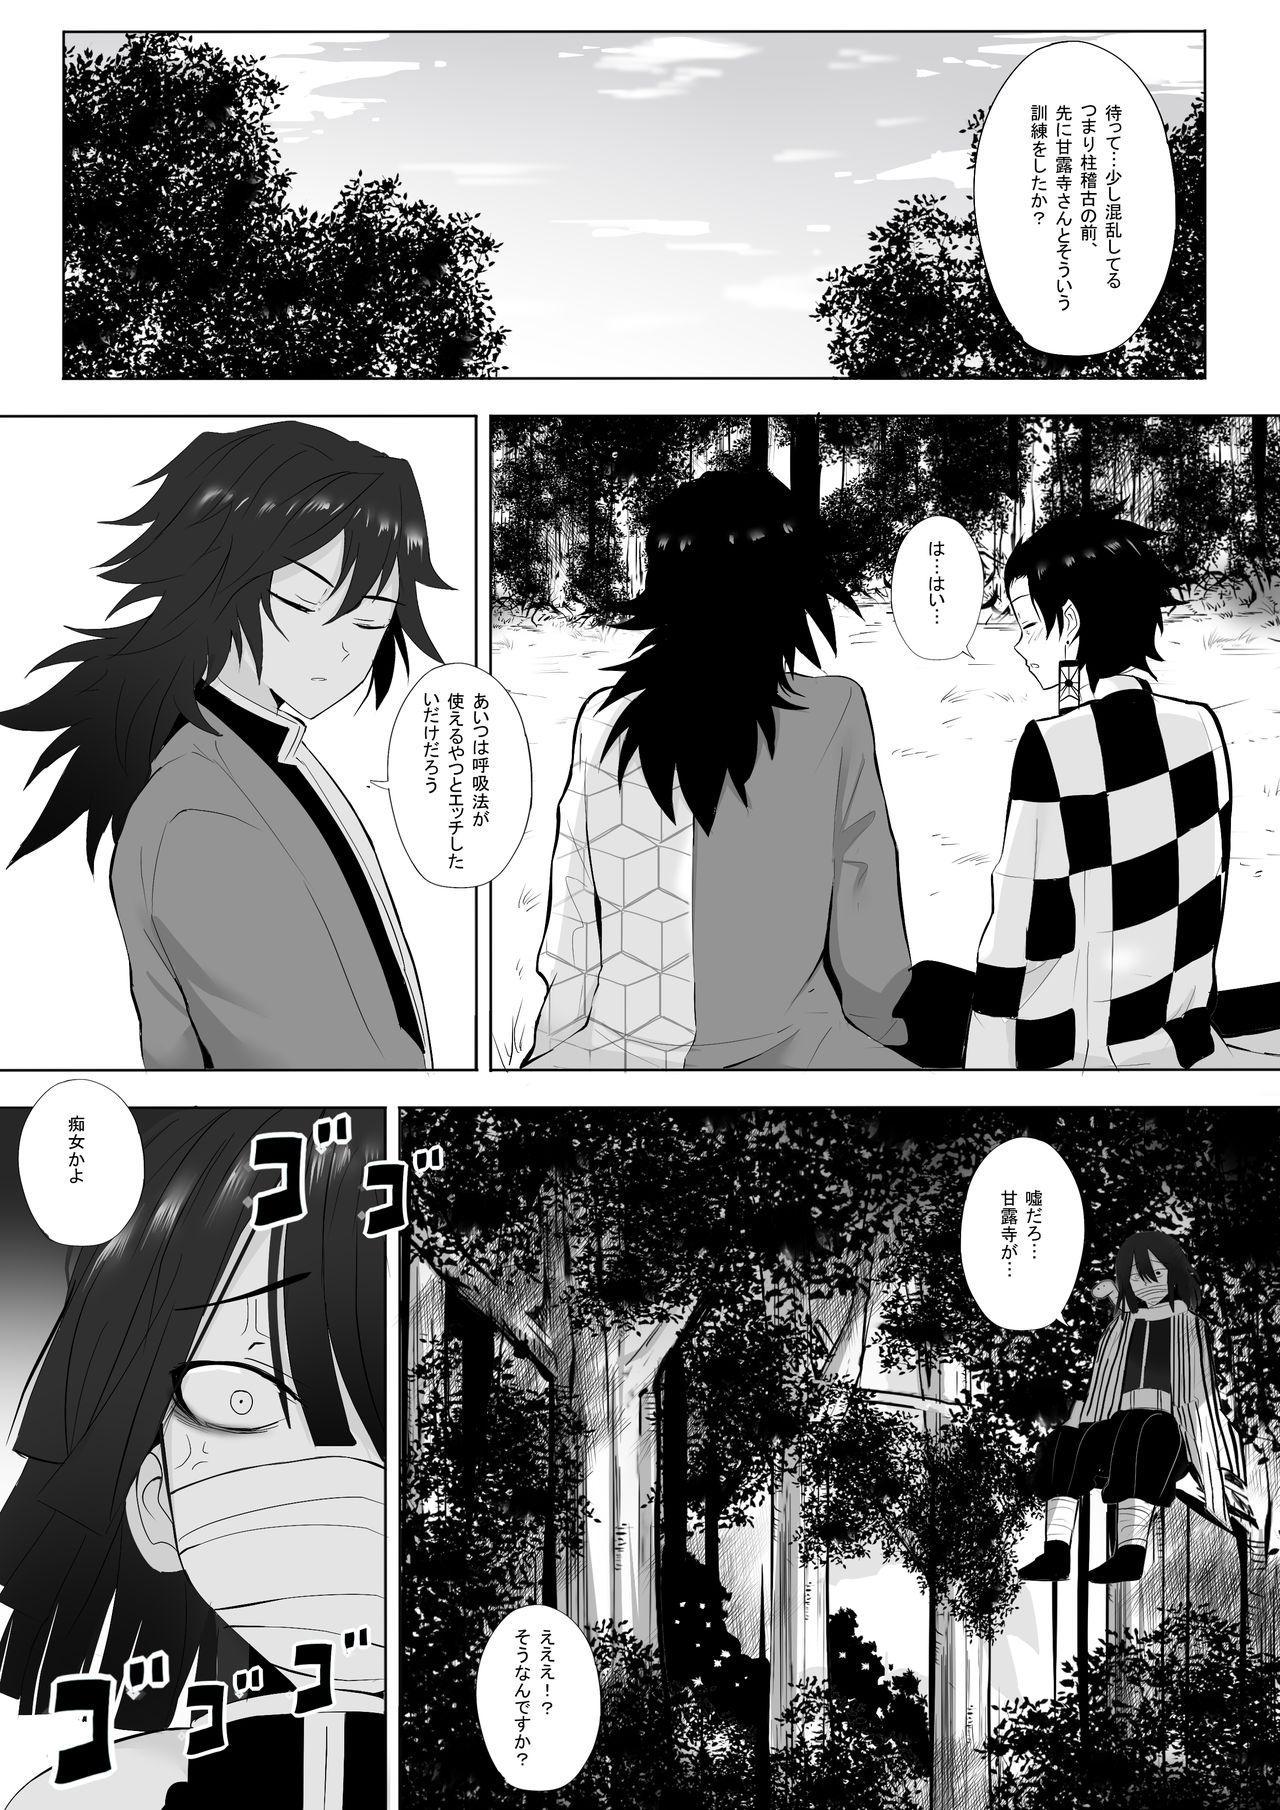 Koibashira no Onee-san to Isshoni Shugyou Shiyou + SP 13